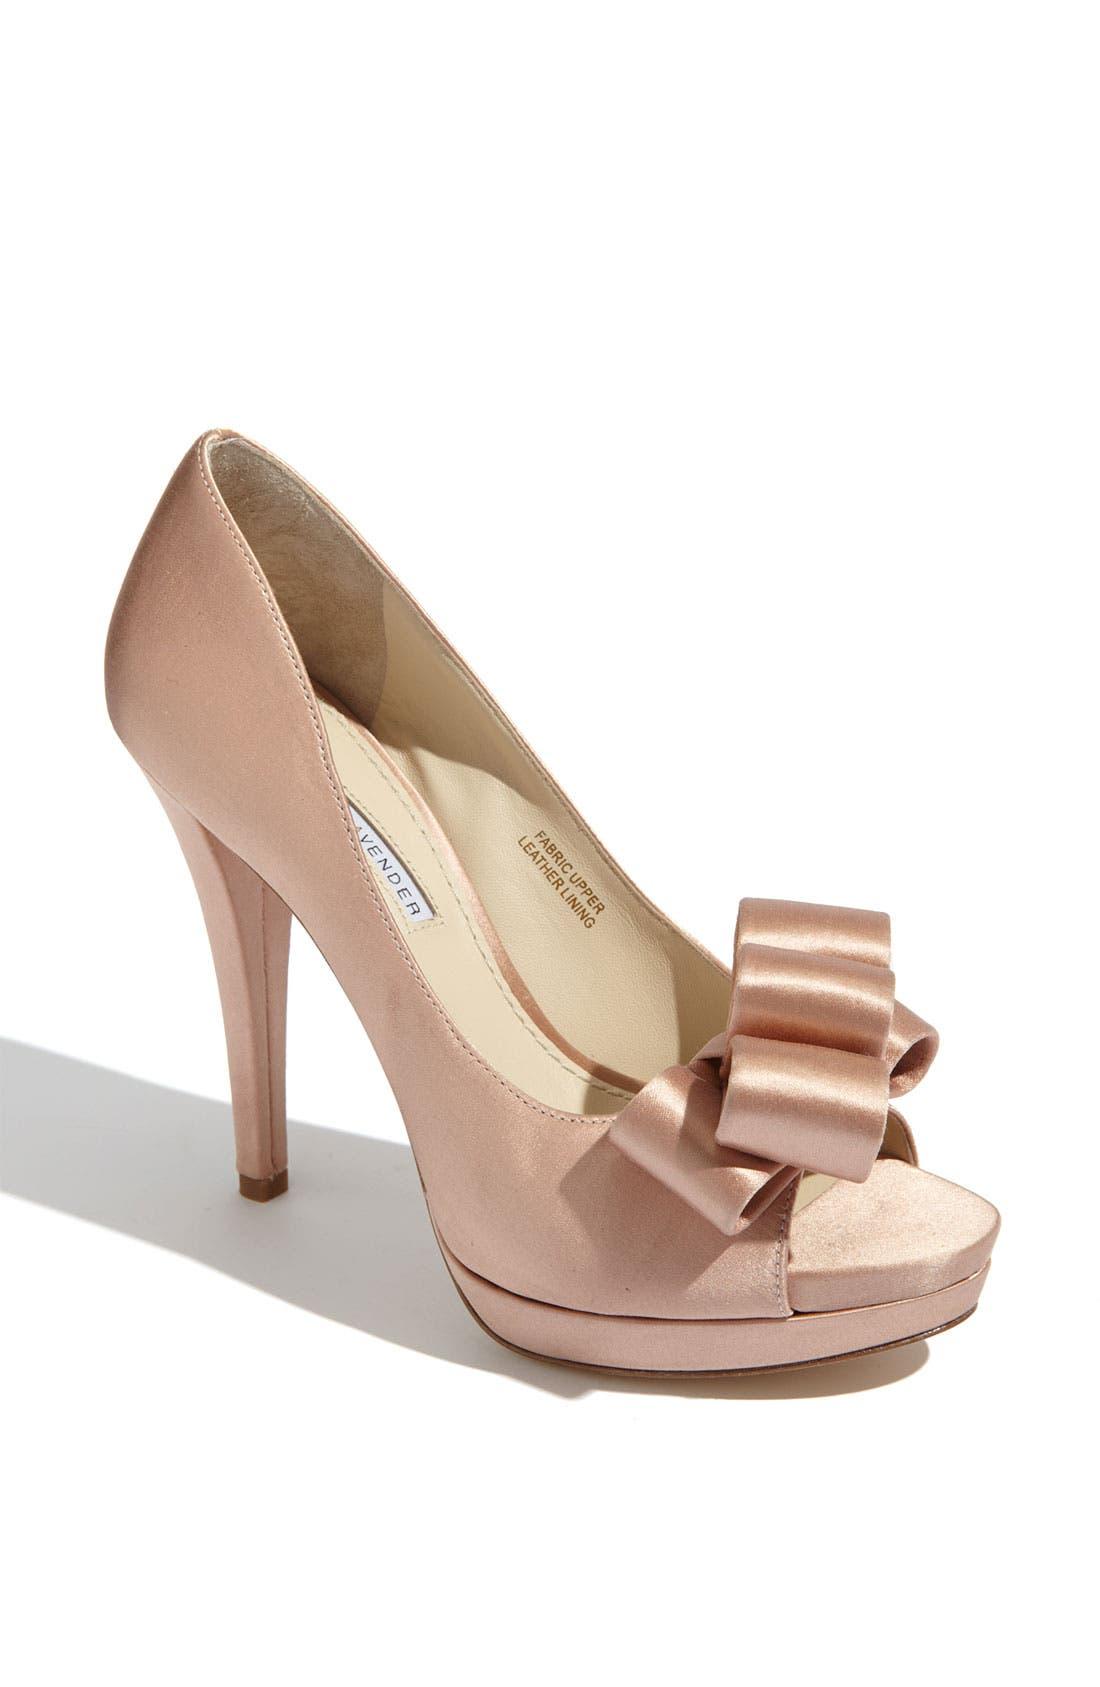 Main Image - Vera Wang Footwear 'Sammy' Peep Toe Pump